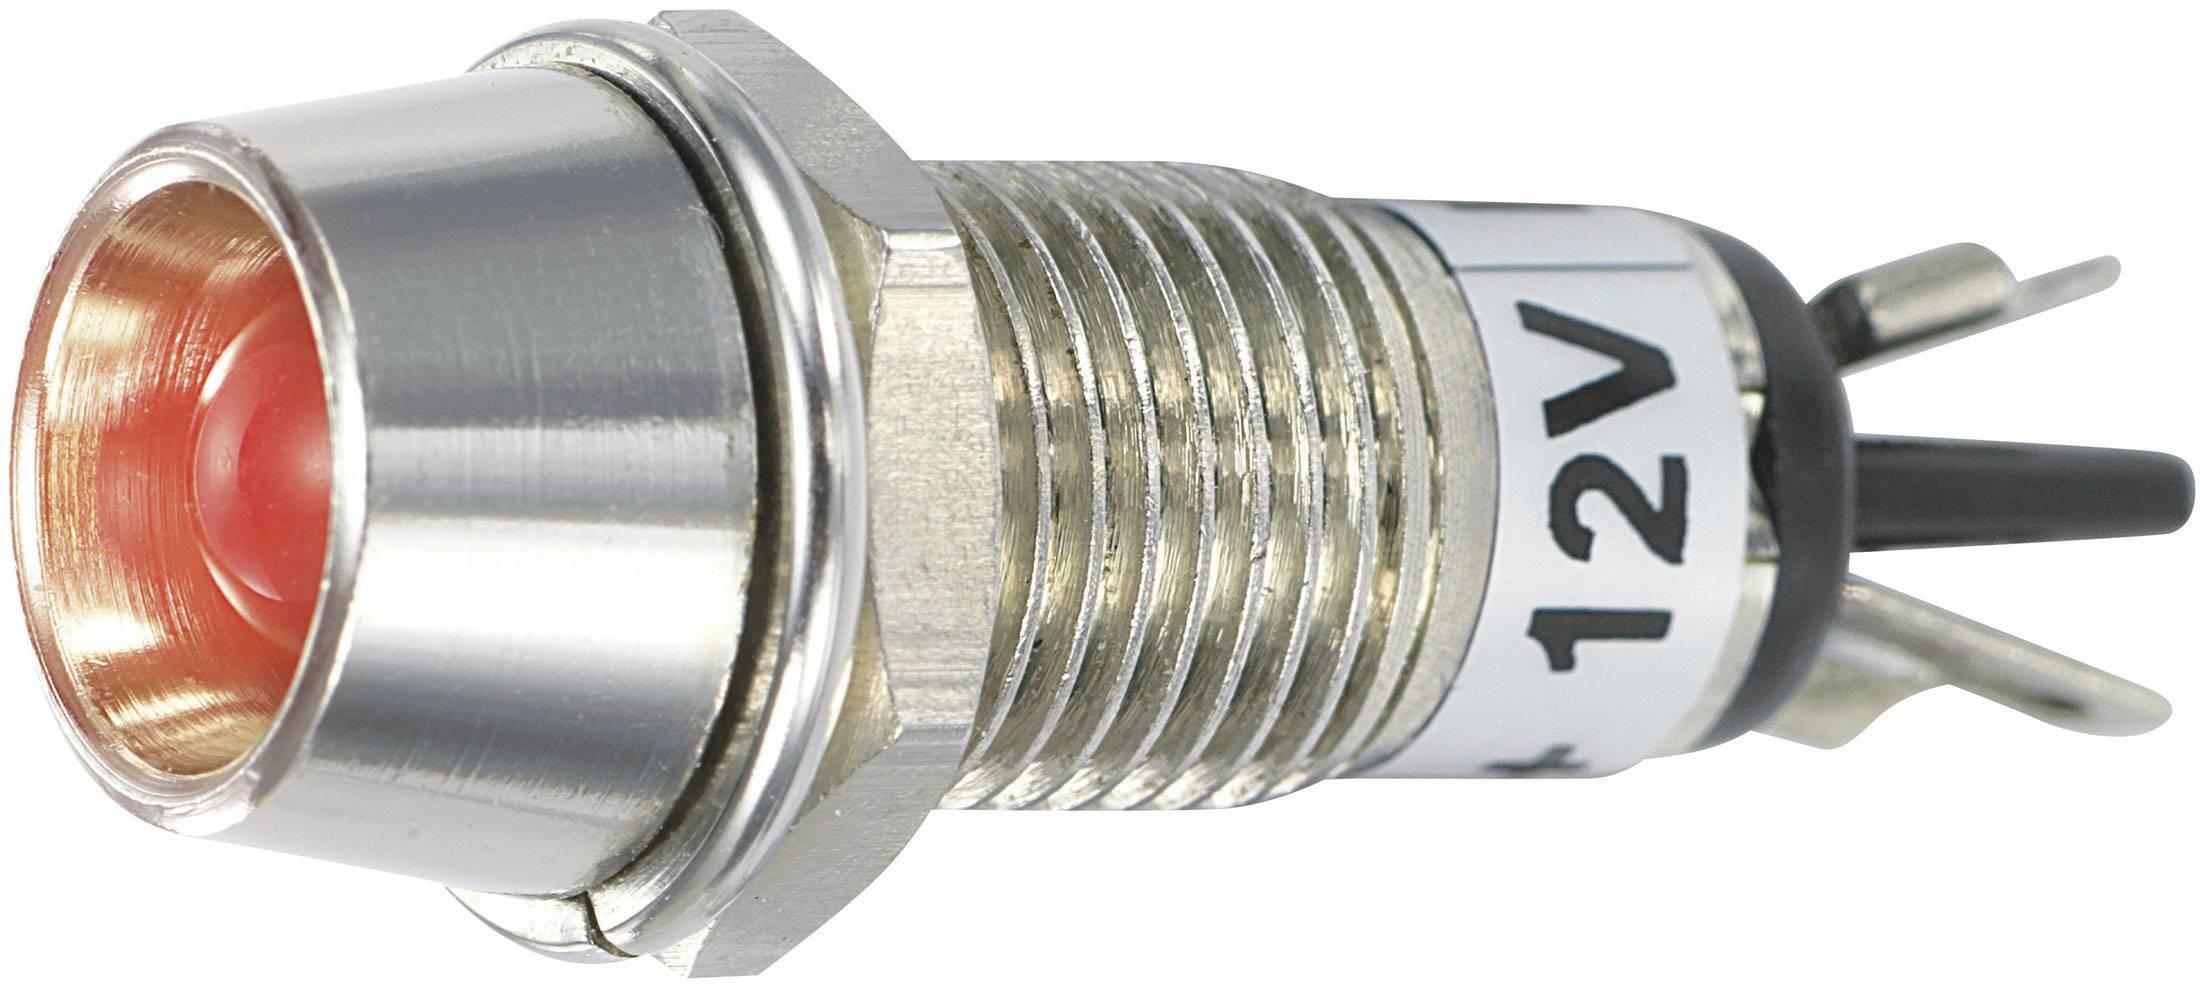 IndikačnéLED SCI R9-115L 12 V RED, 12 V/DC, červená